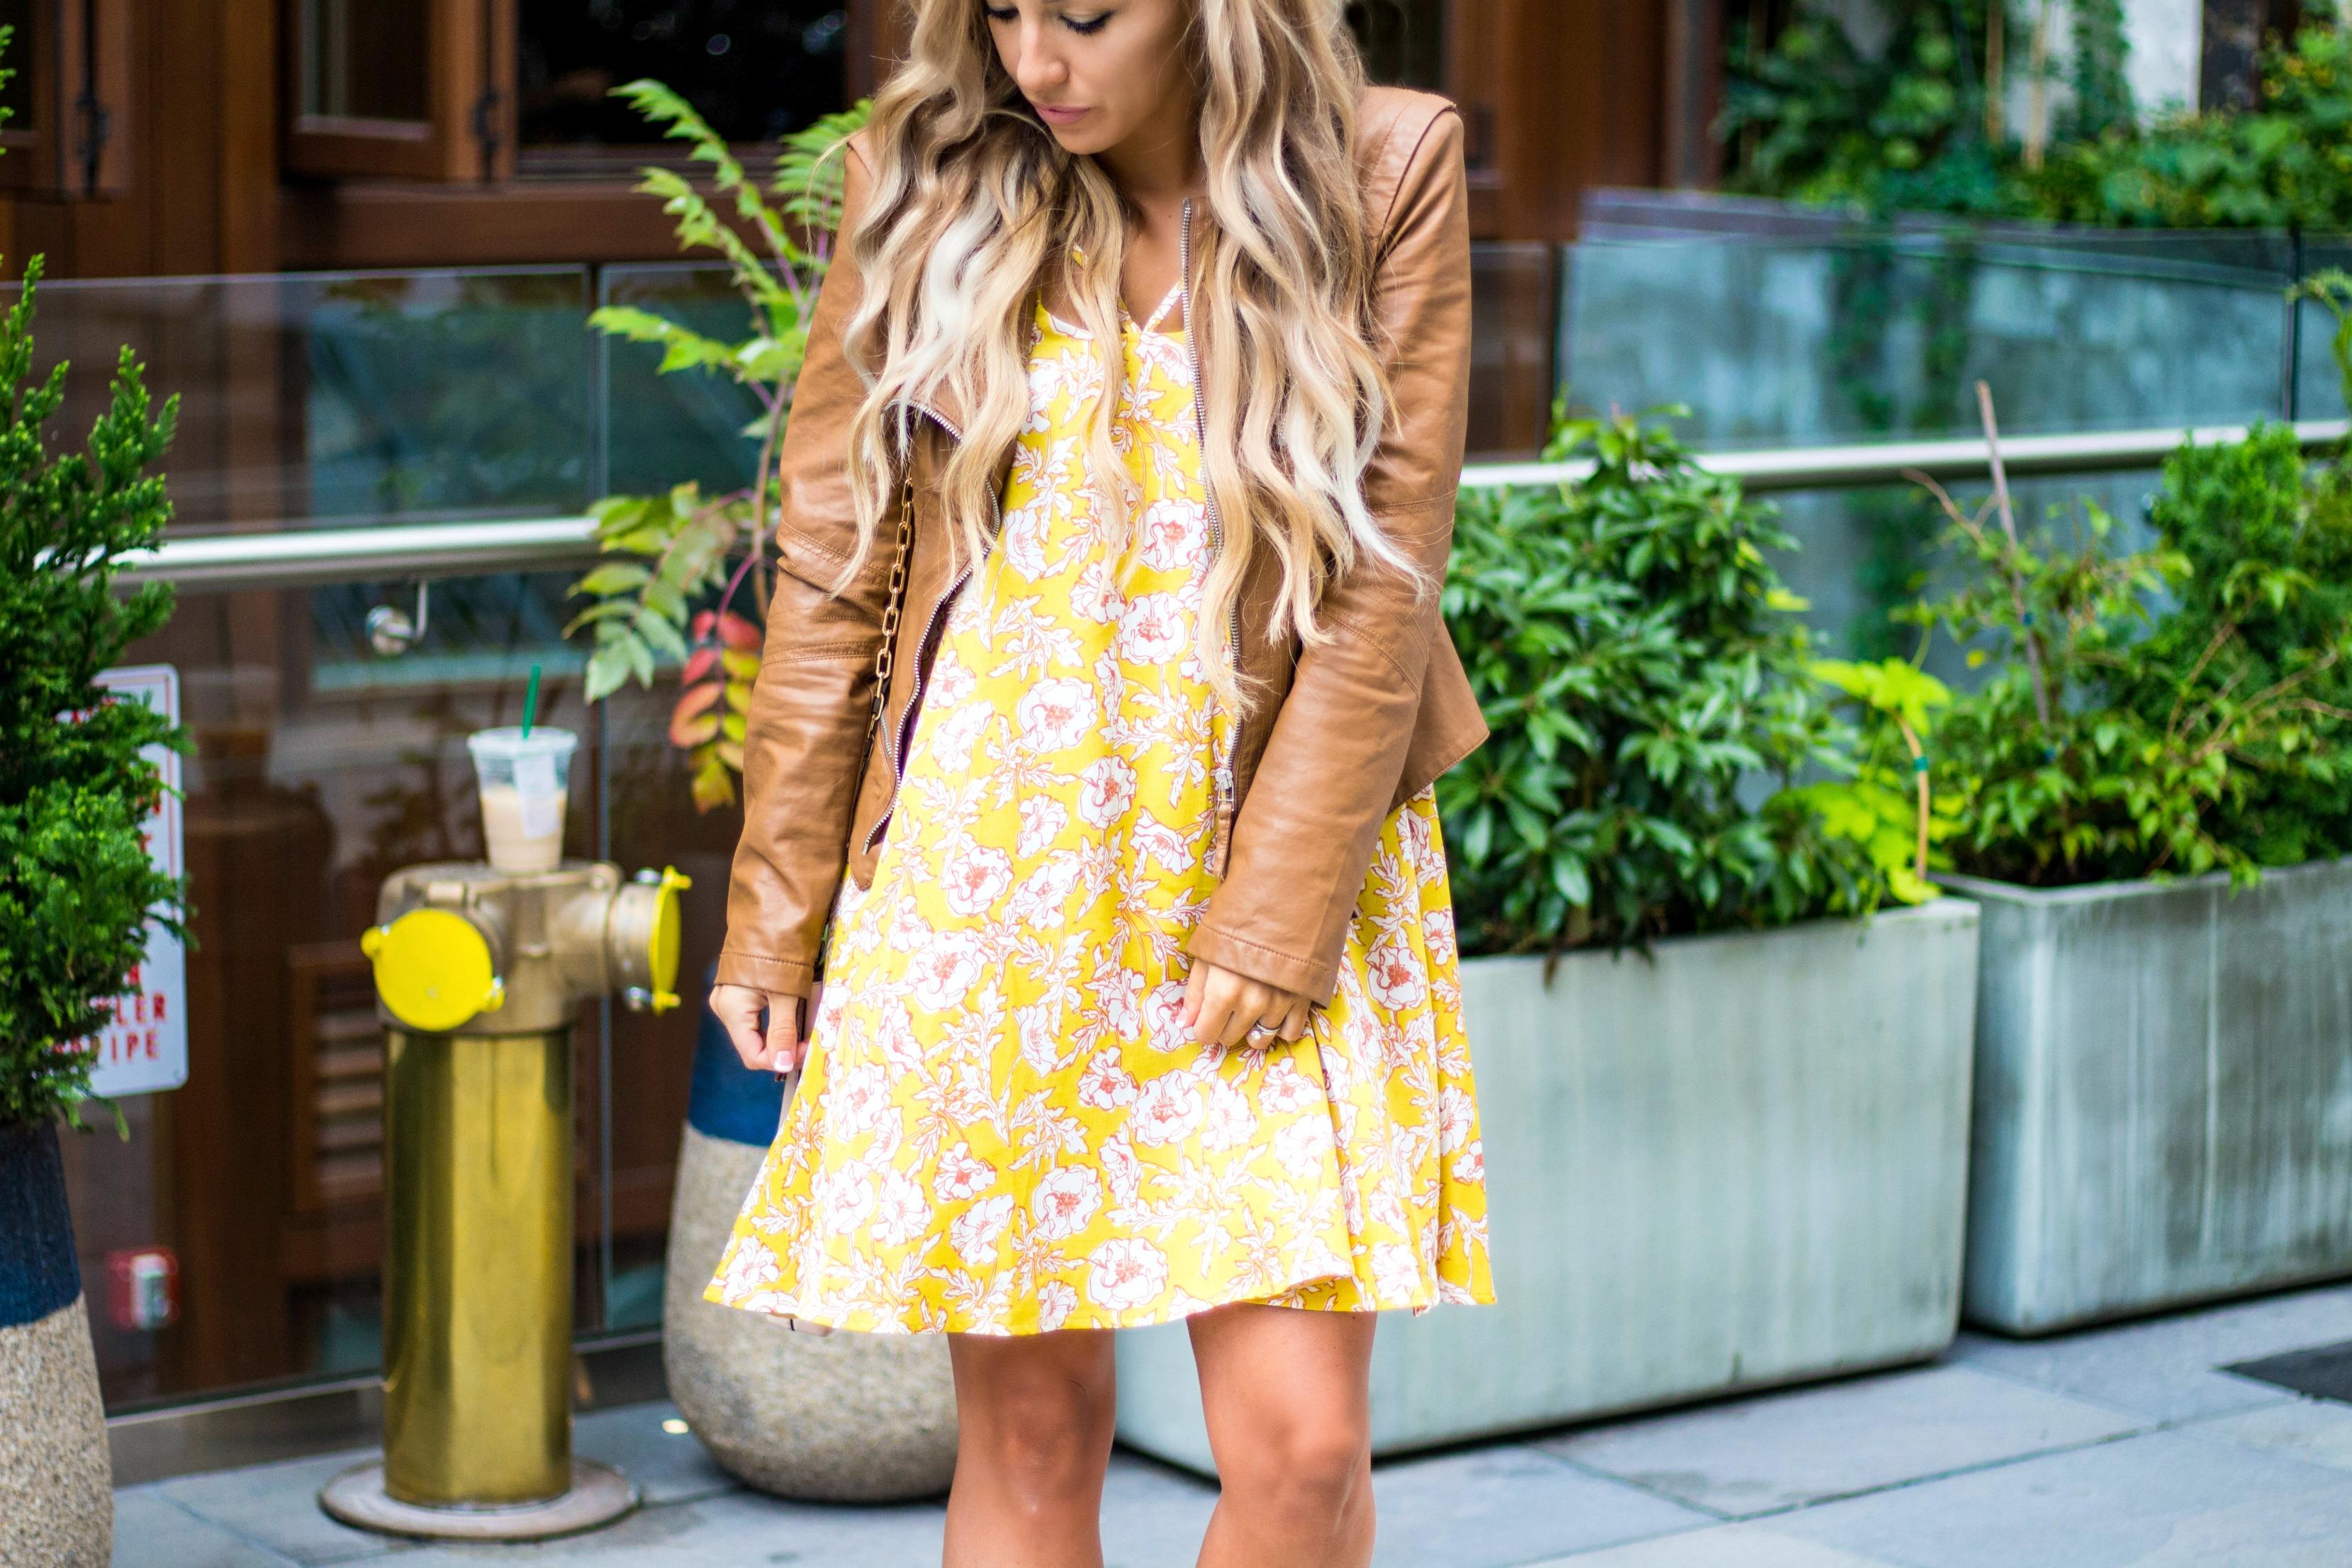 Leather Jacket & Floral Dress